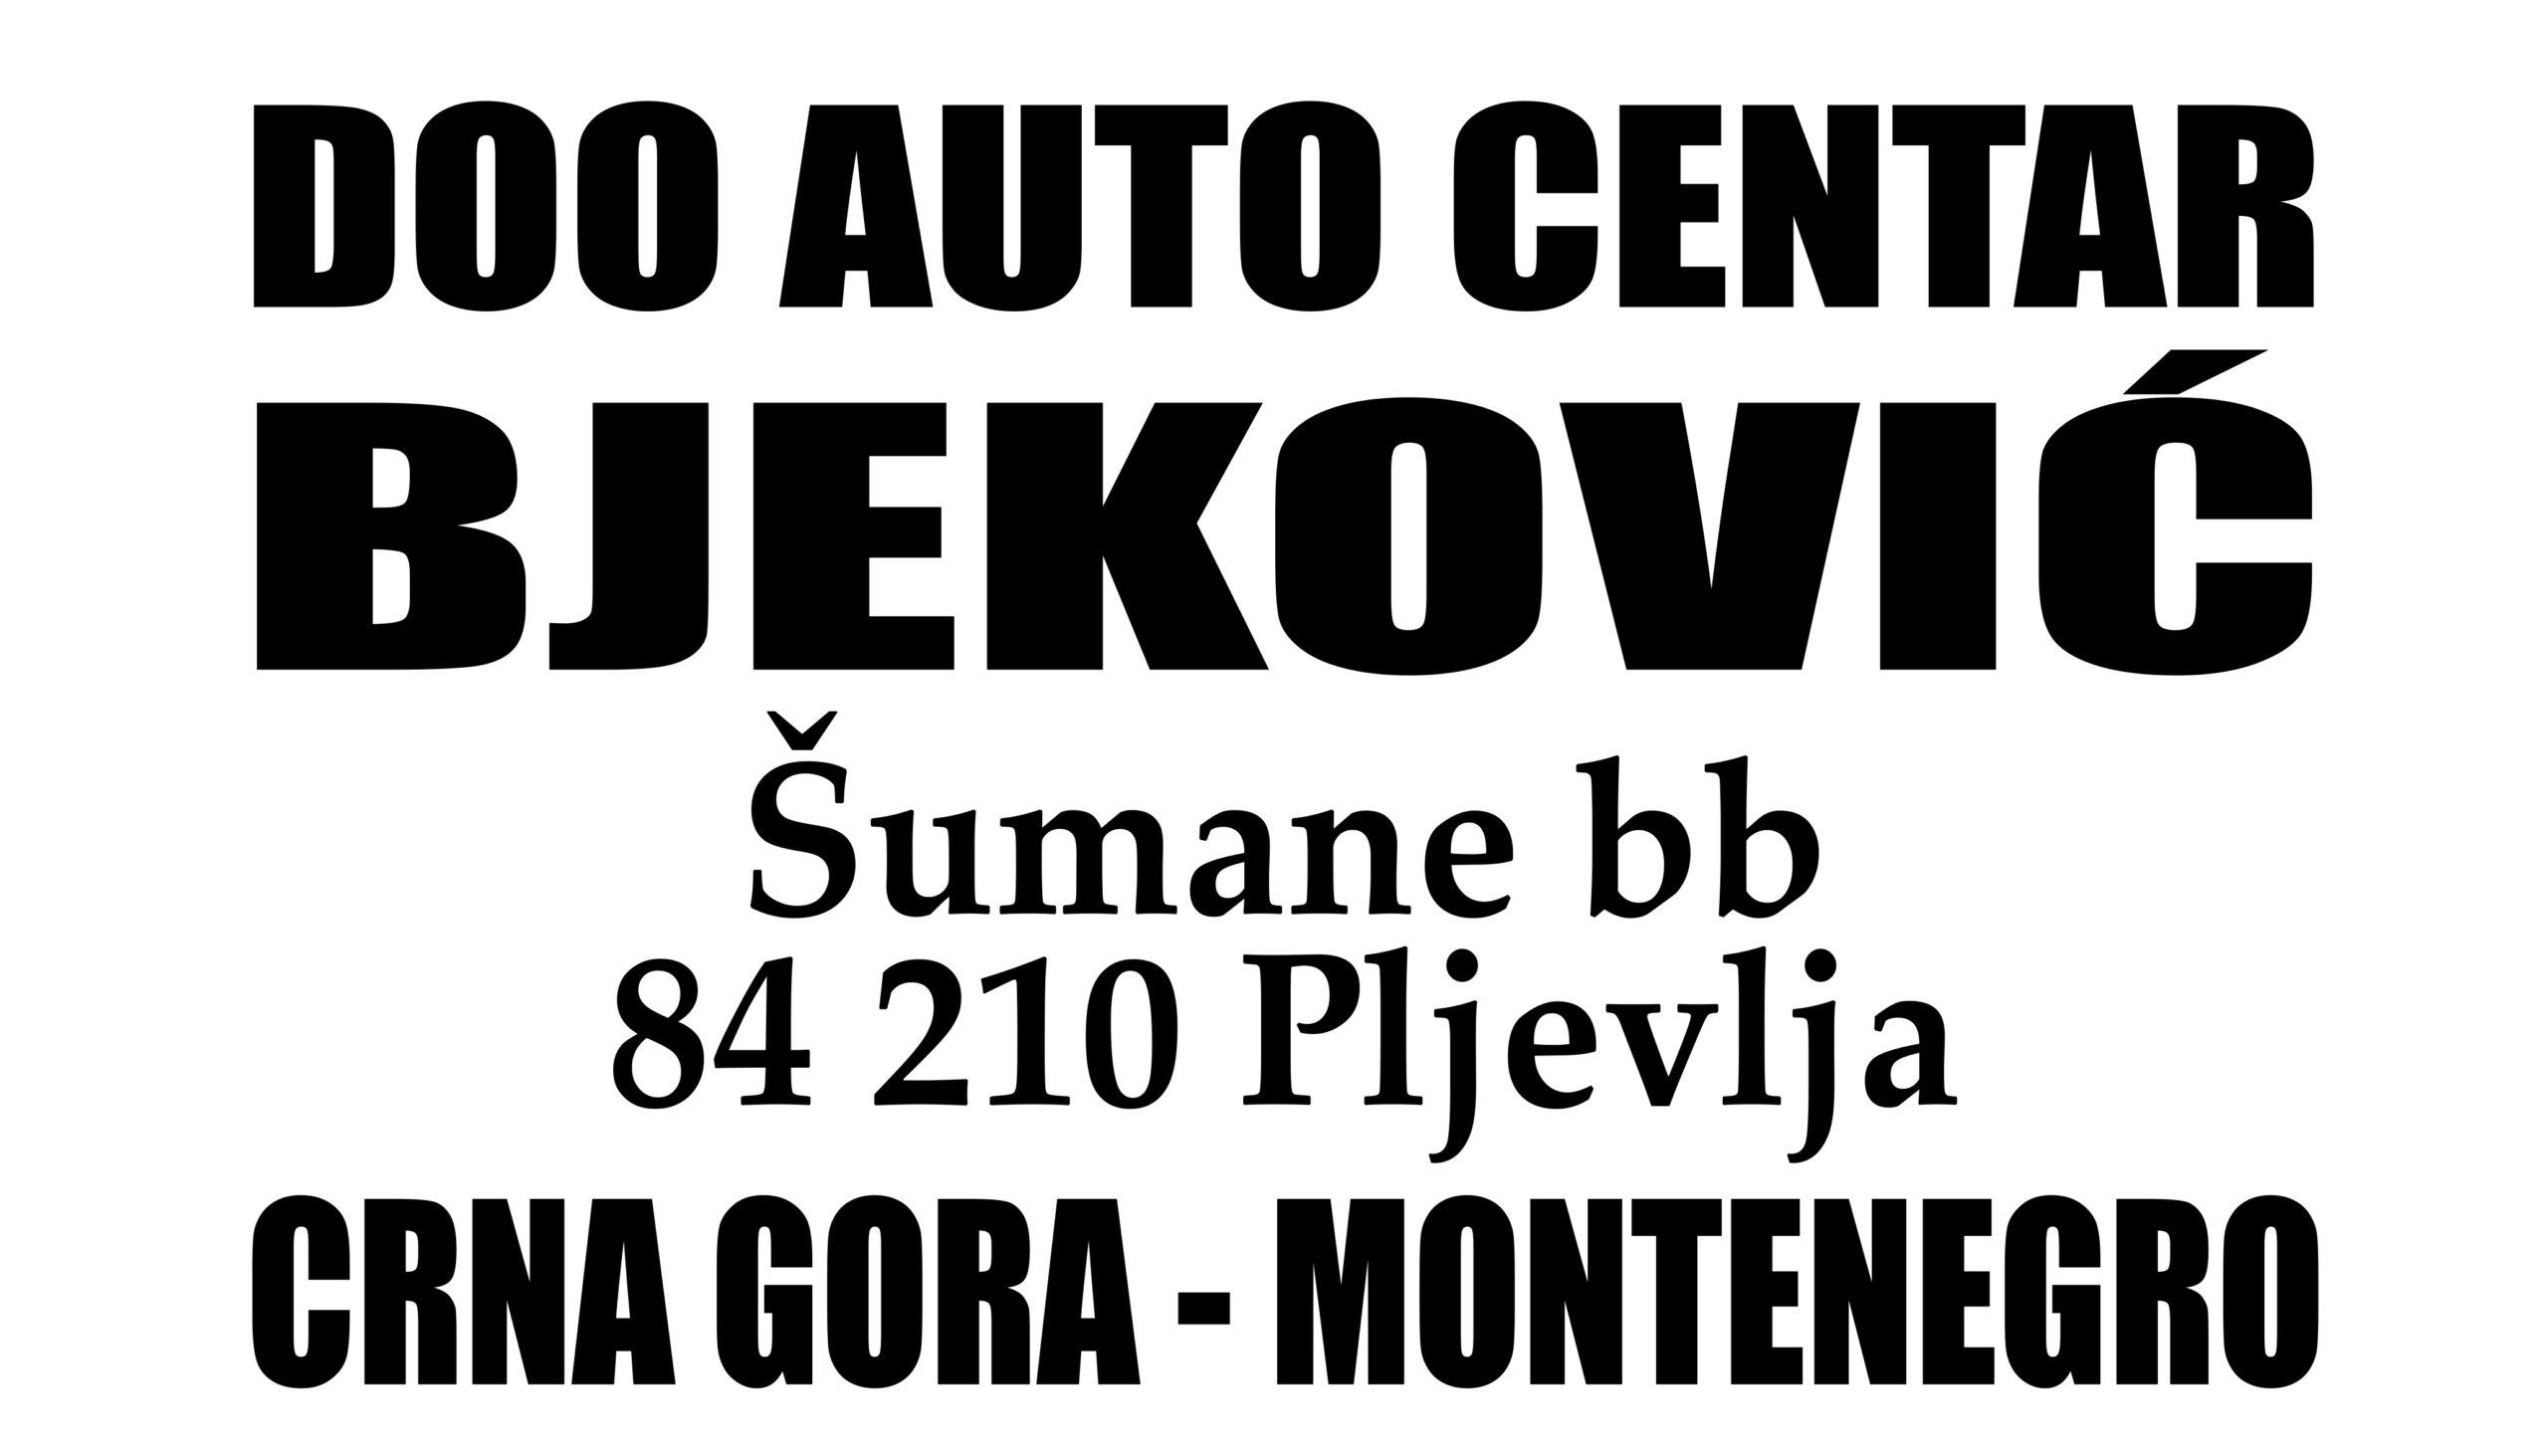 Auto centar BJEKOVIĆ